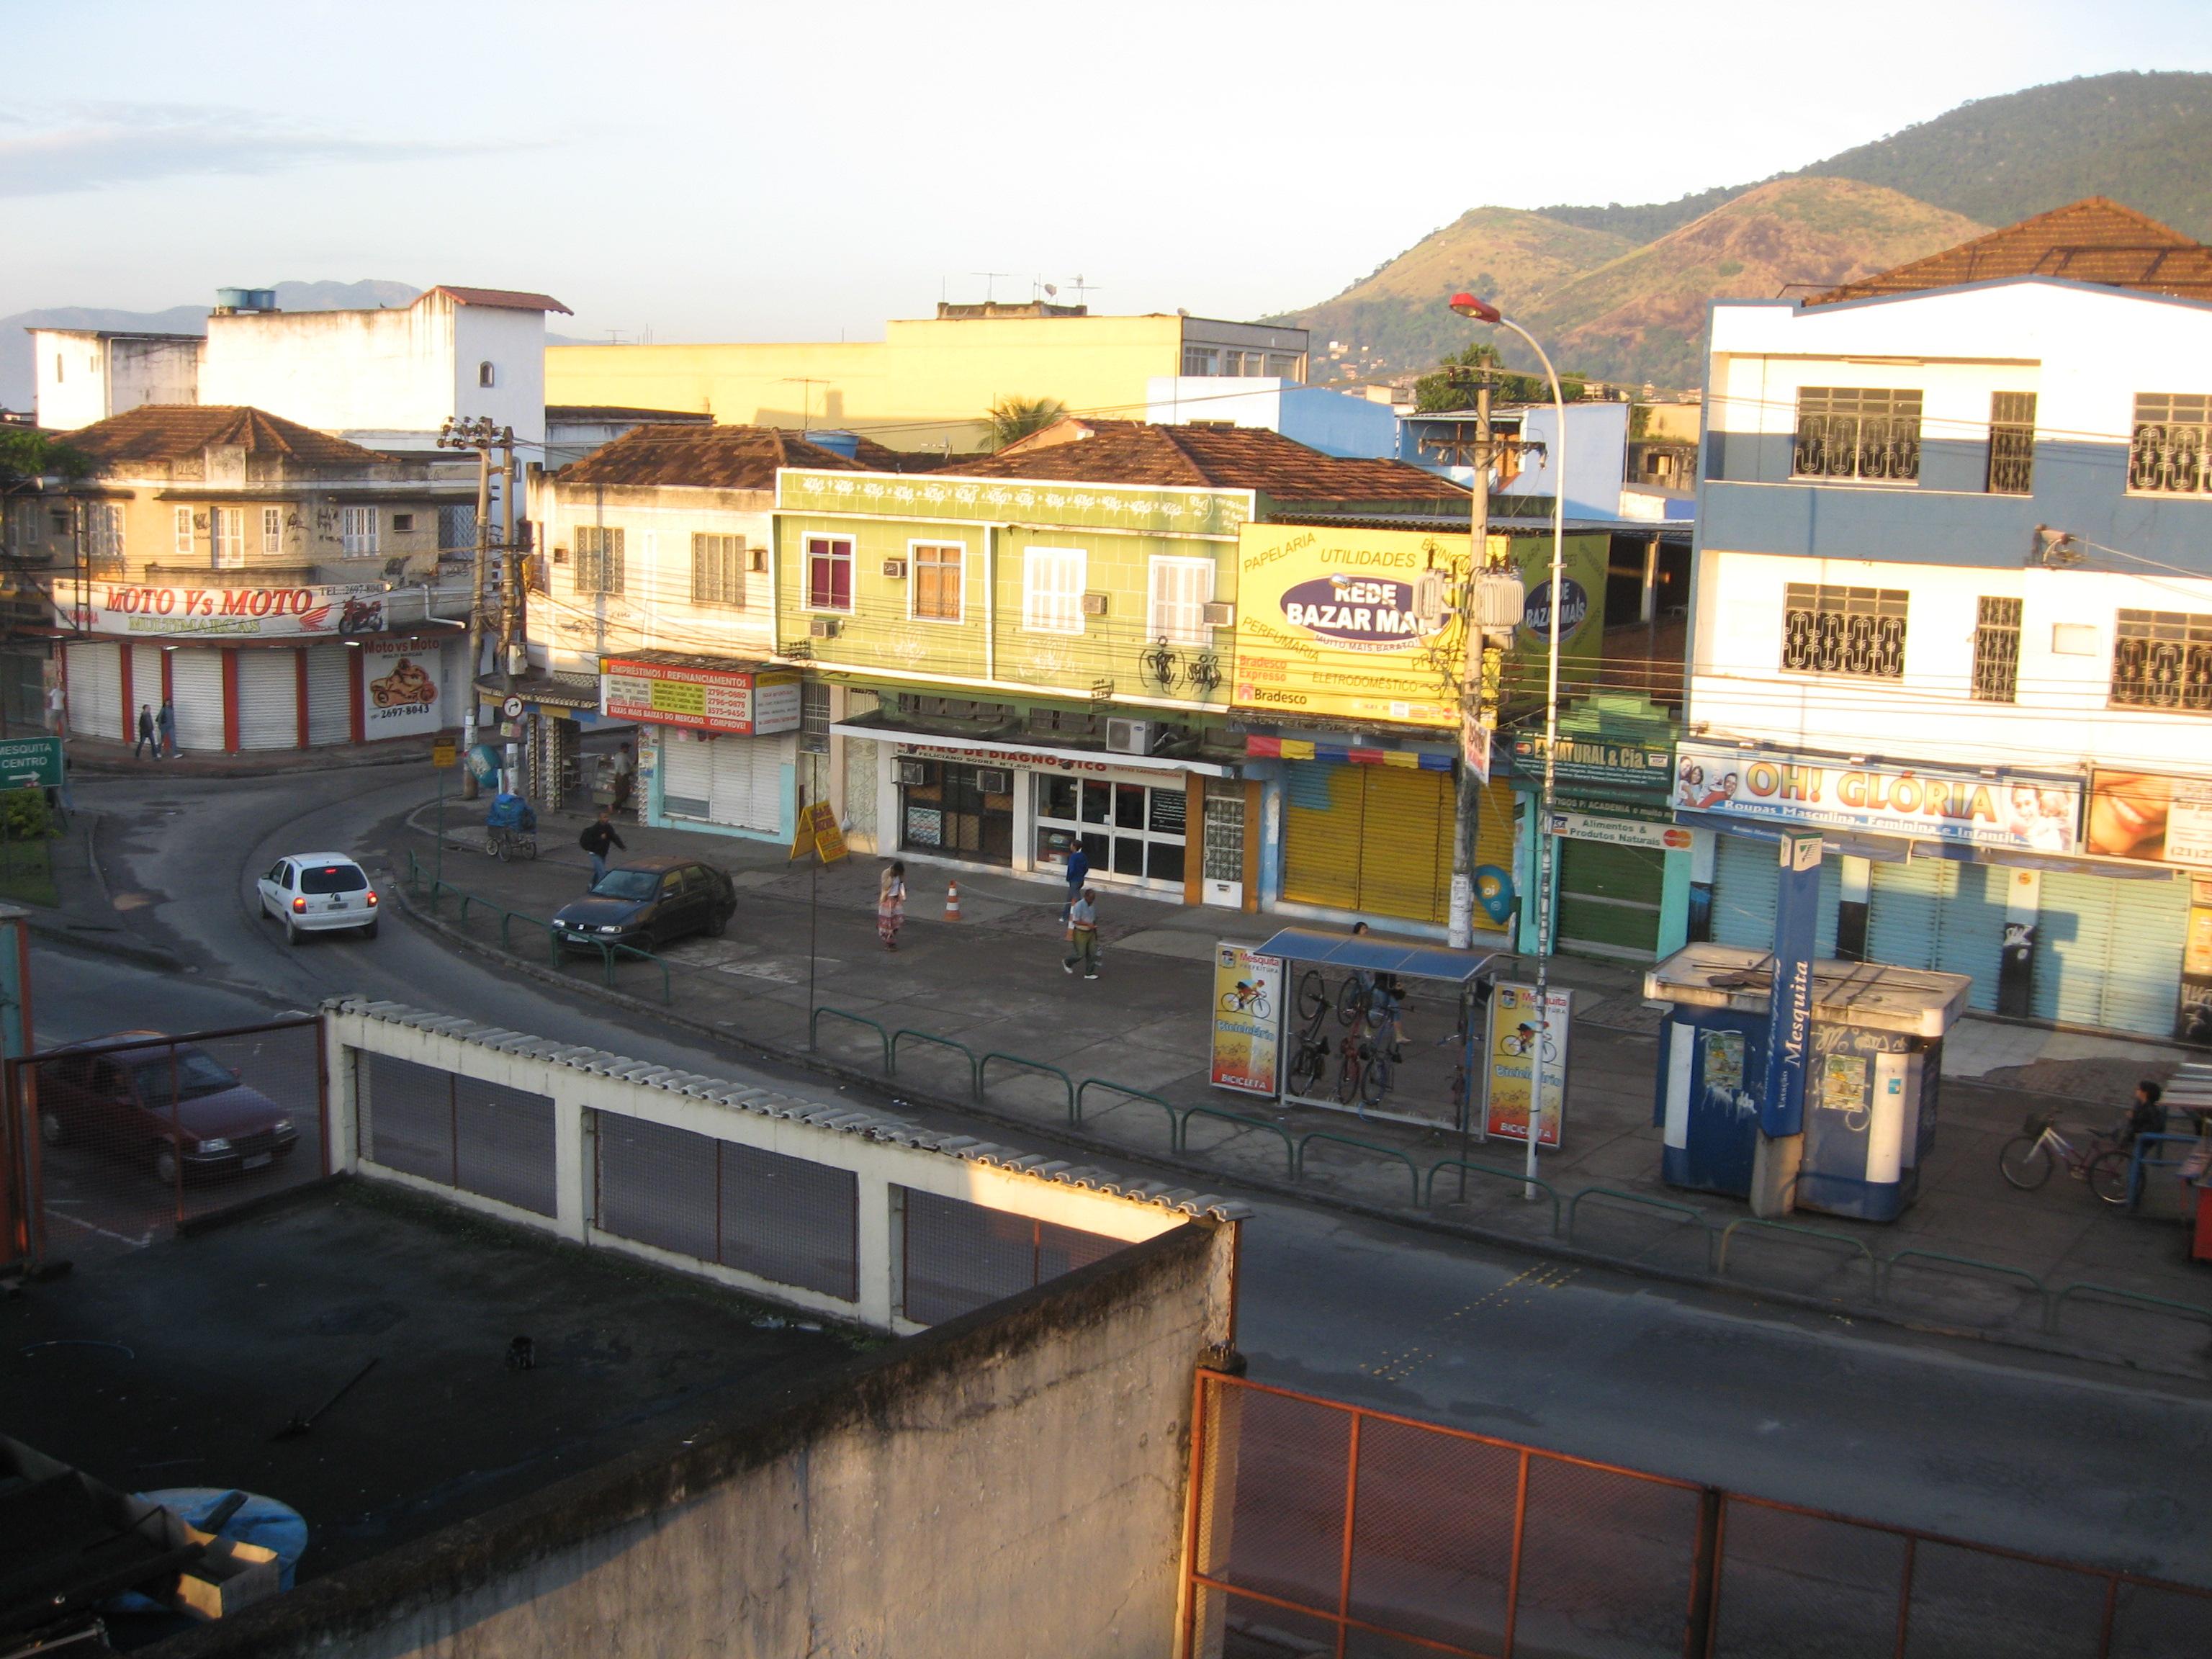 Mesquita Rio de Janeiro fonte: upload.wikimedia.org